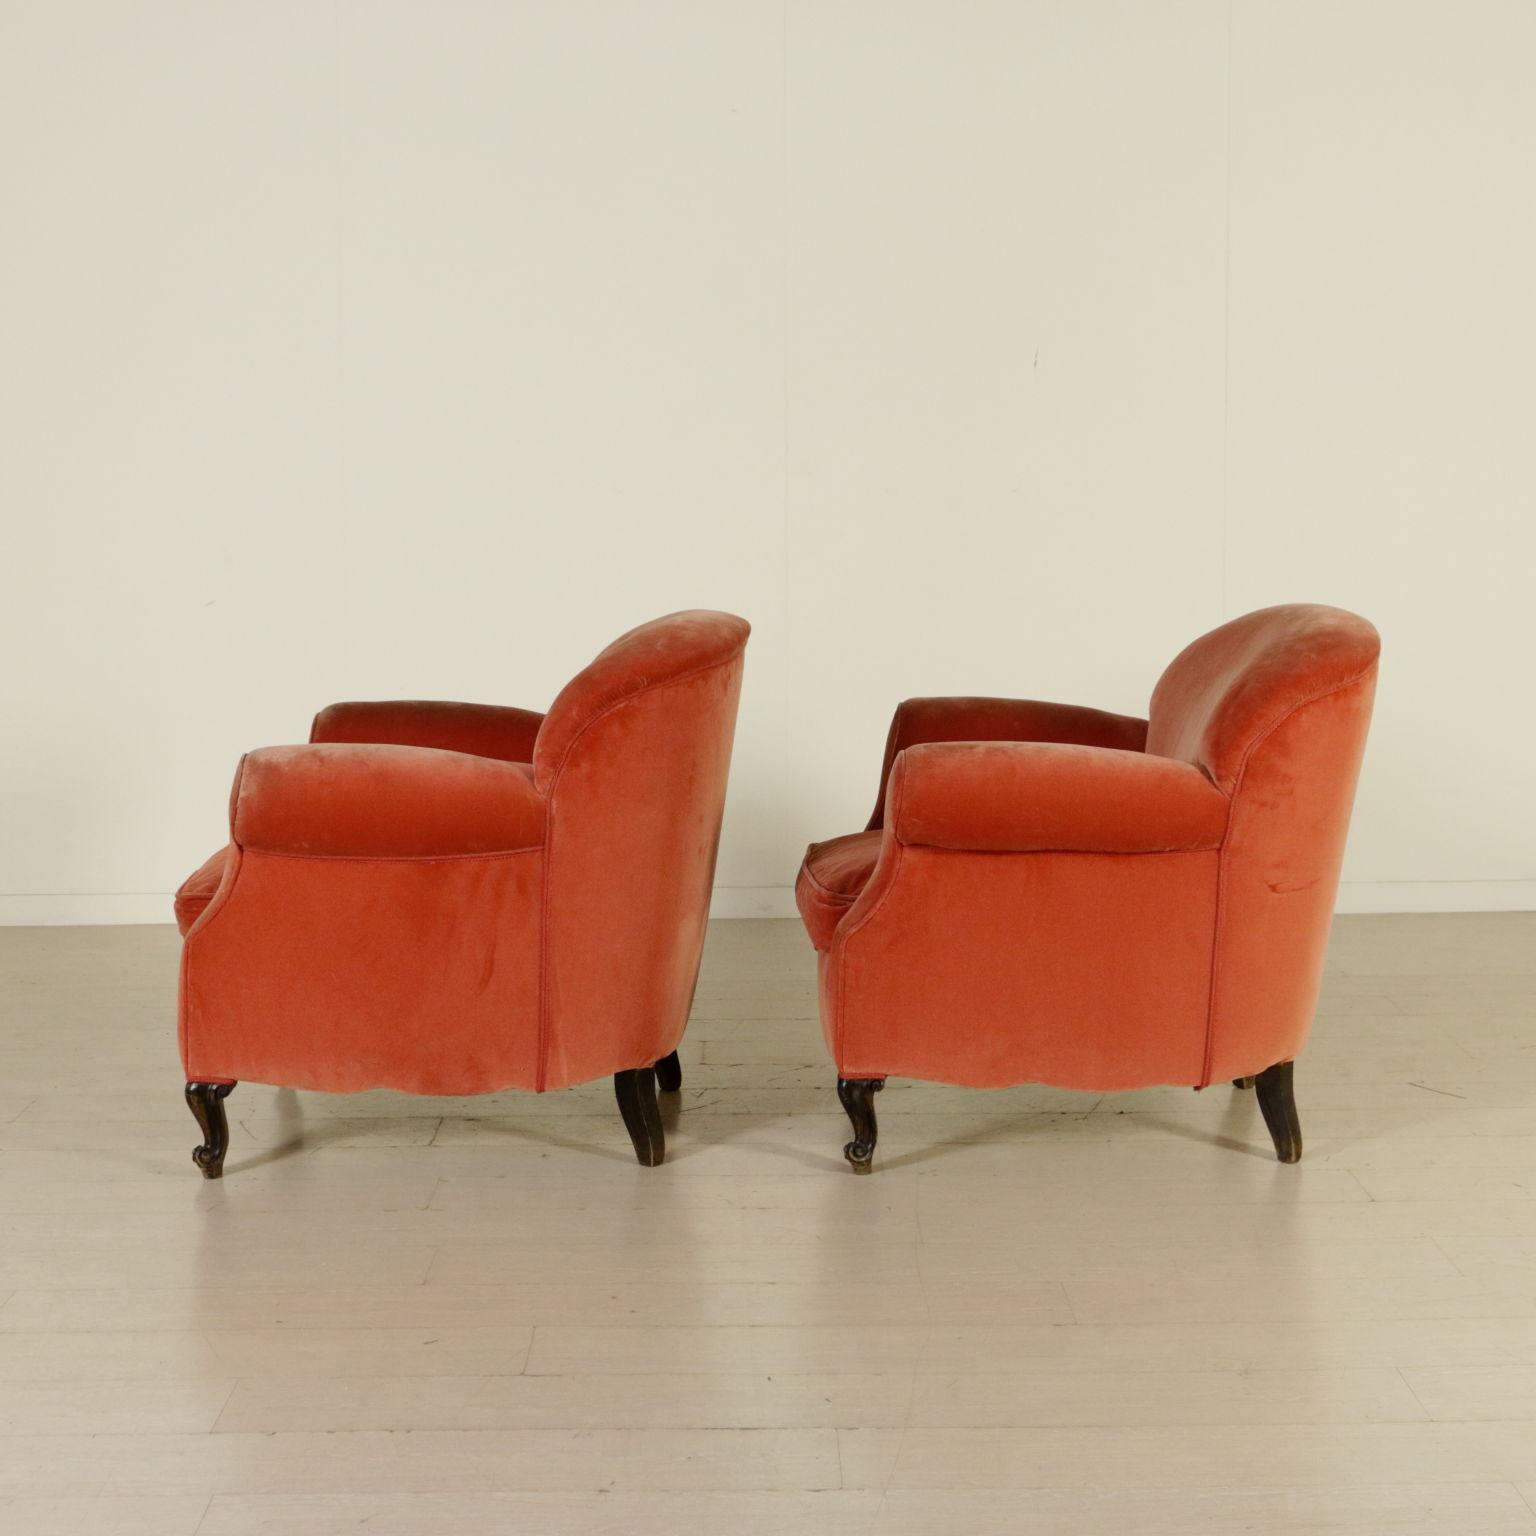 sessel 40er jahre sessel modernes design. Black Bedroom Furniture Sets. Home Design Ideas